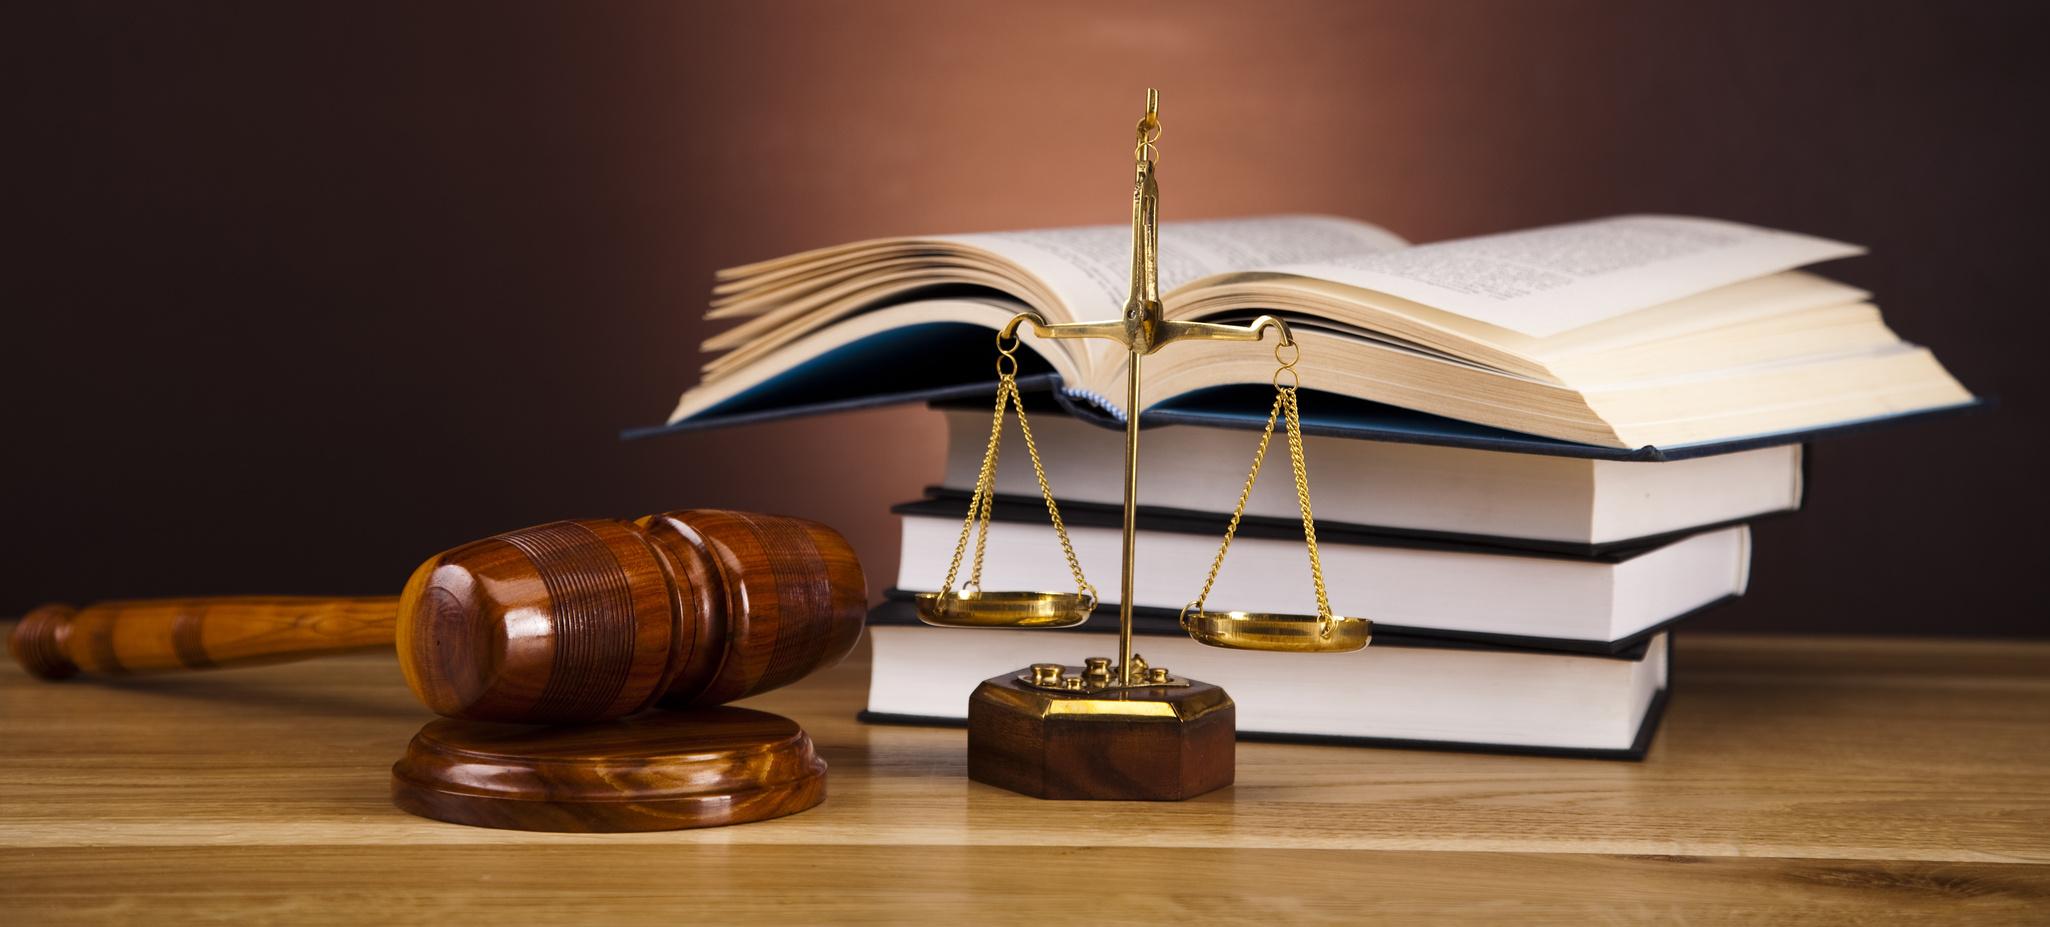 Problème d'impôt de succession et de testament